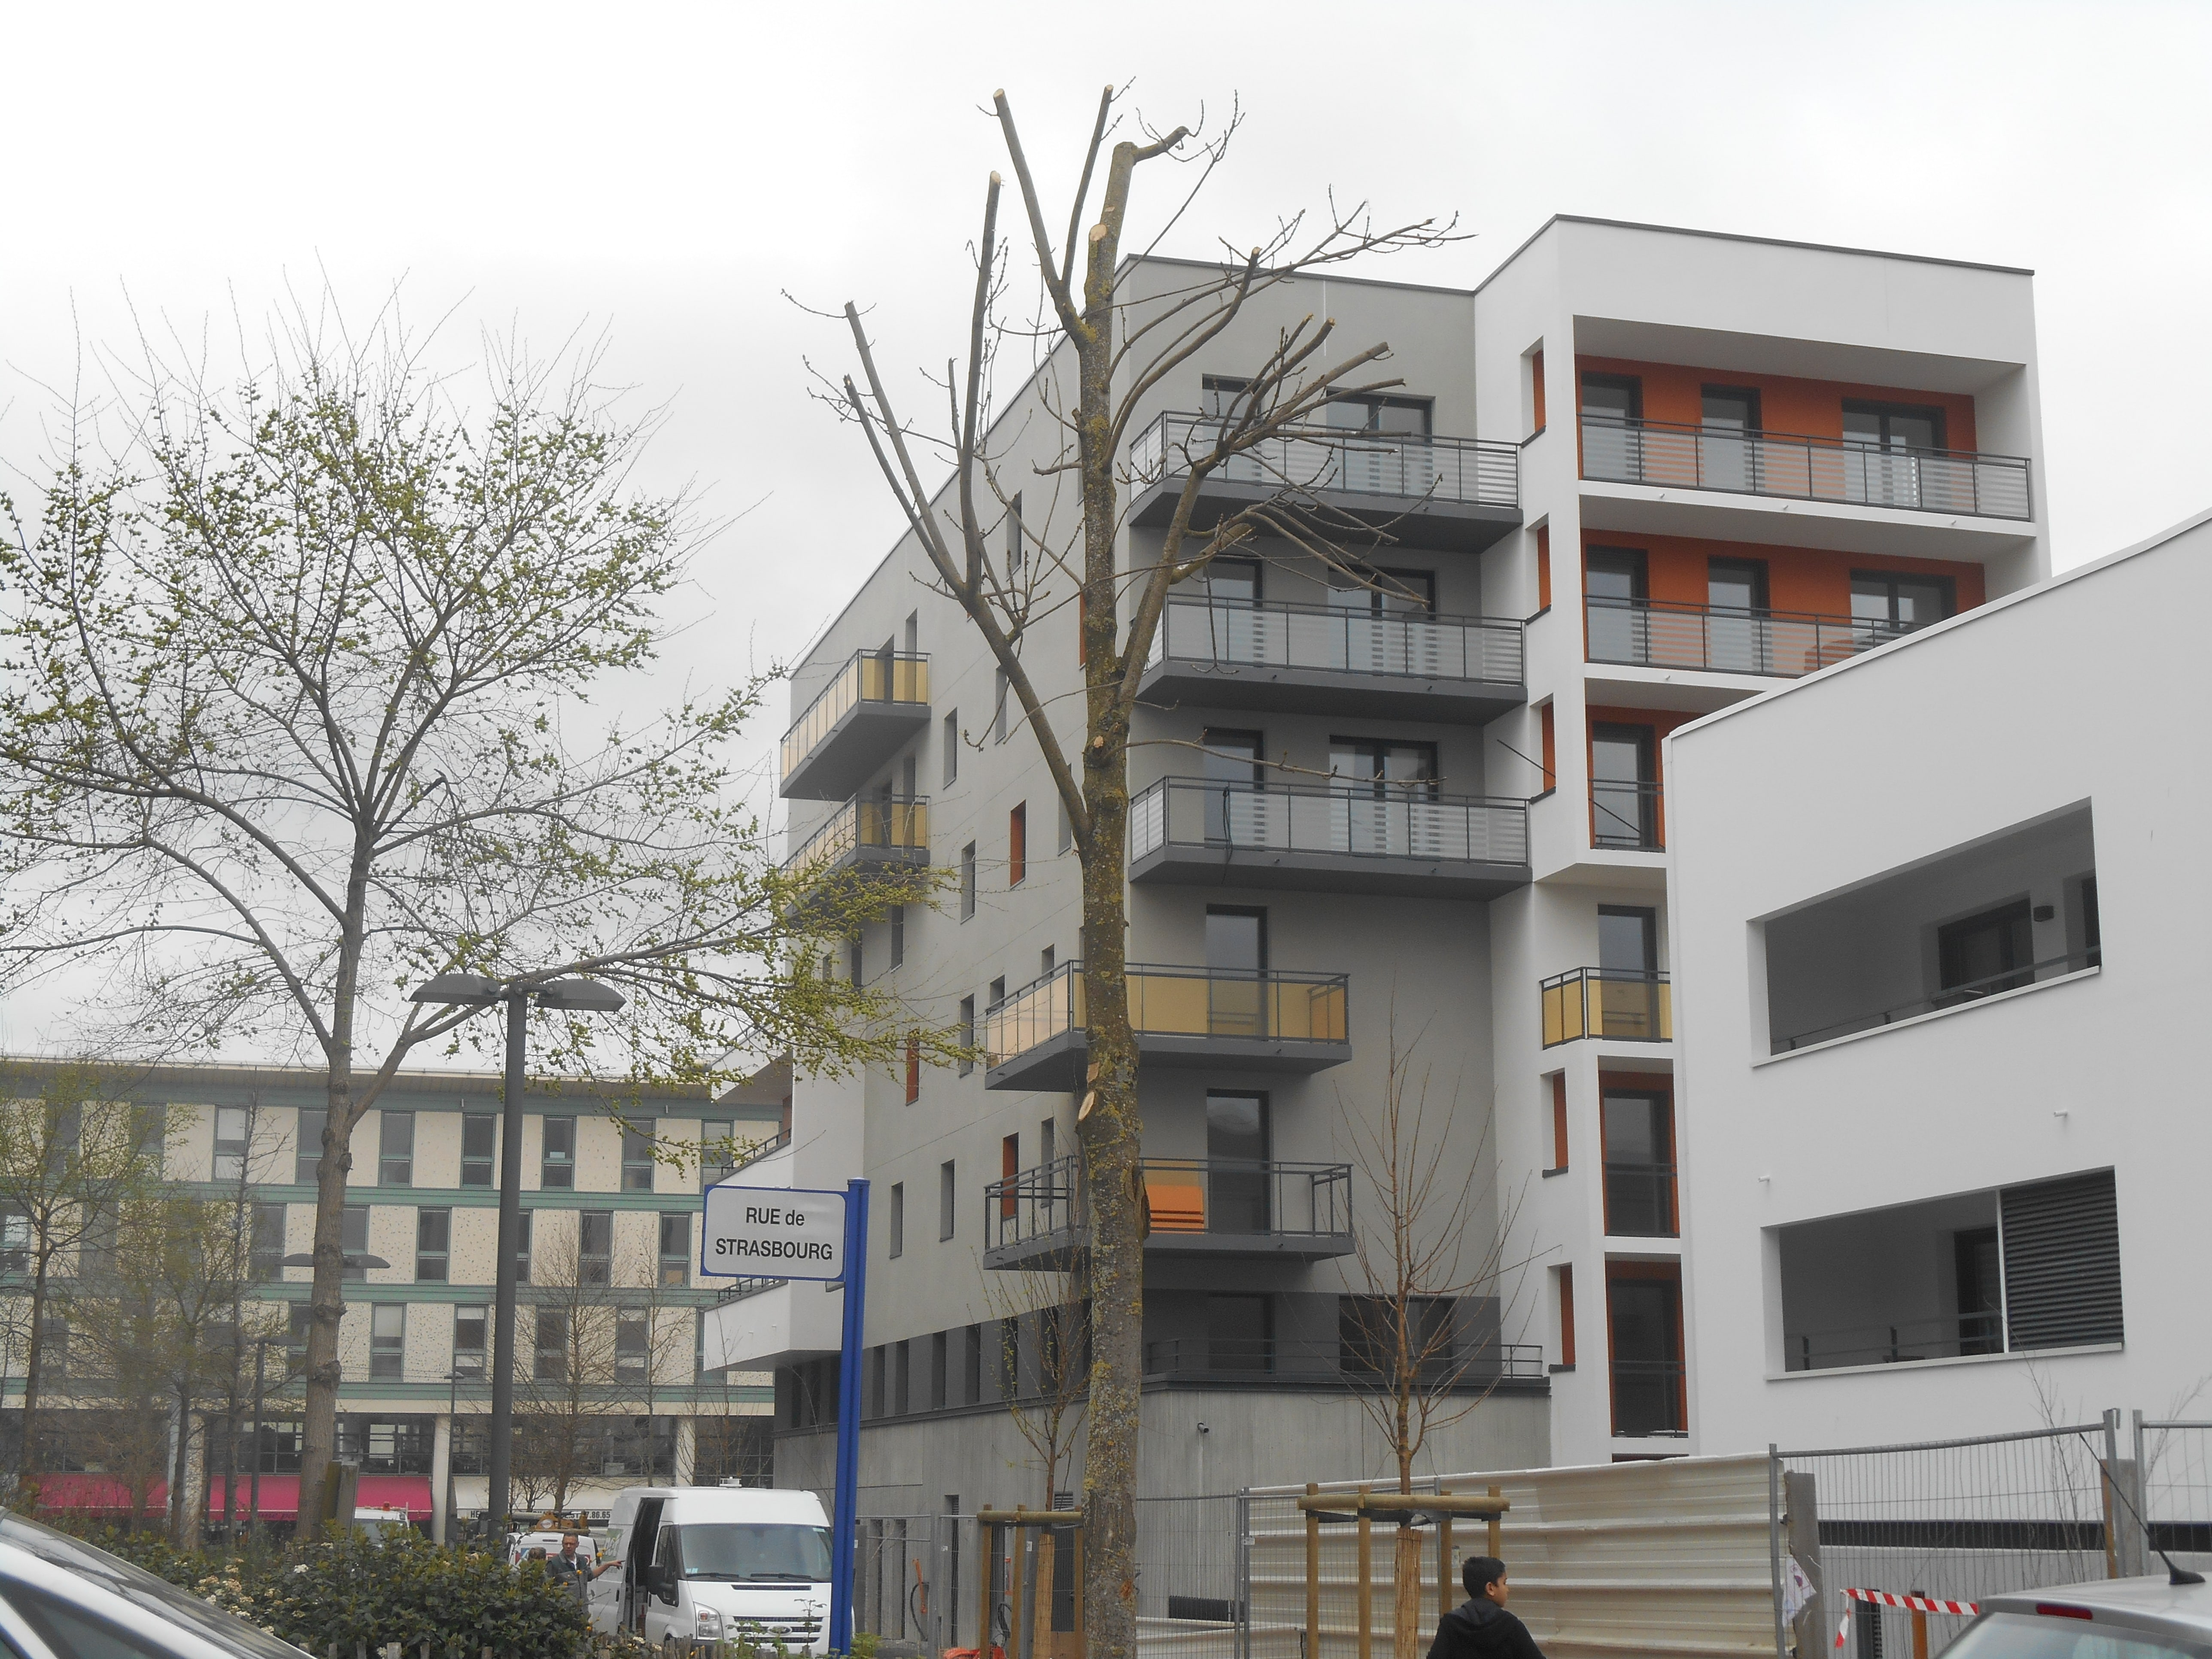 la rénovation urbaine des banlieues